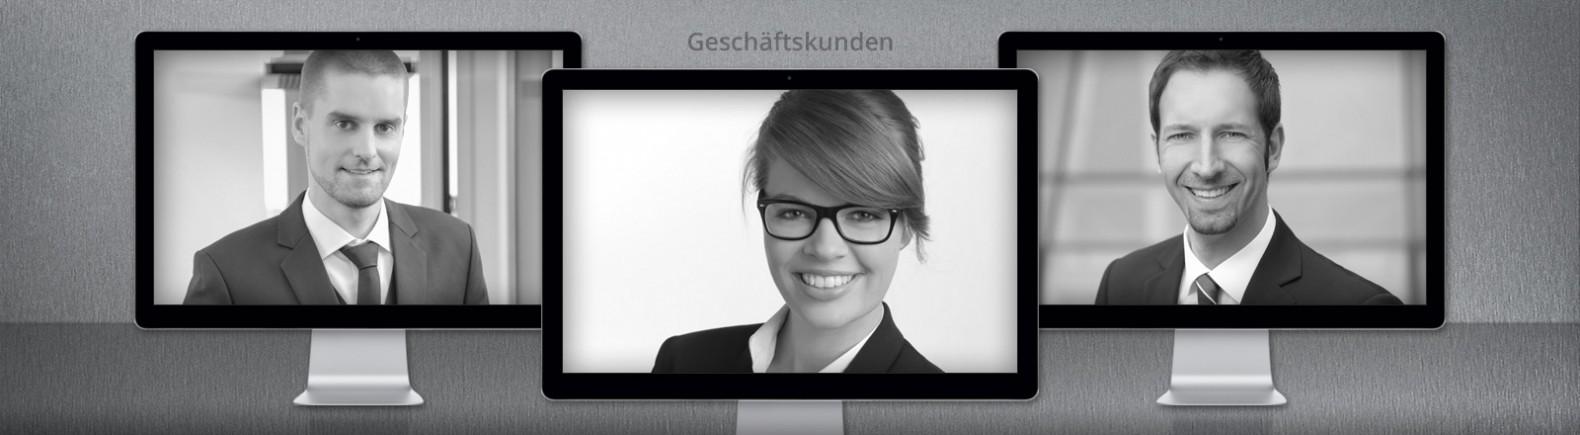 03_portfolio_business.fotostudio-schloen-duesseldorf.de